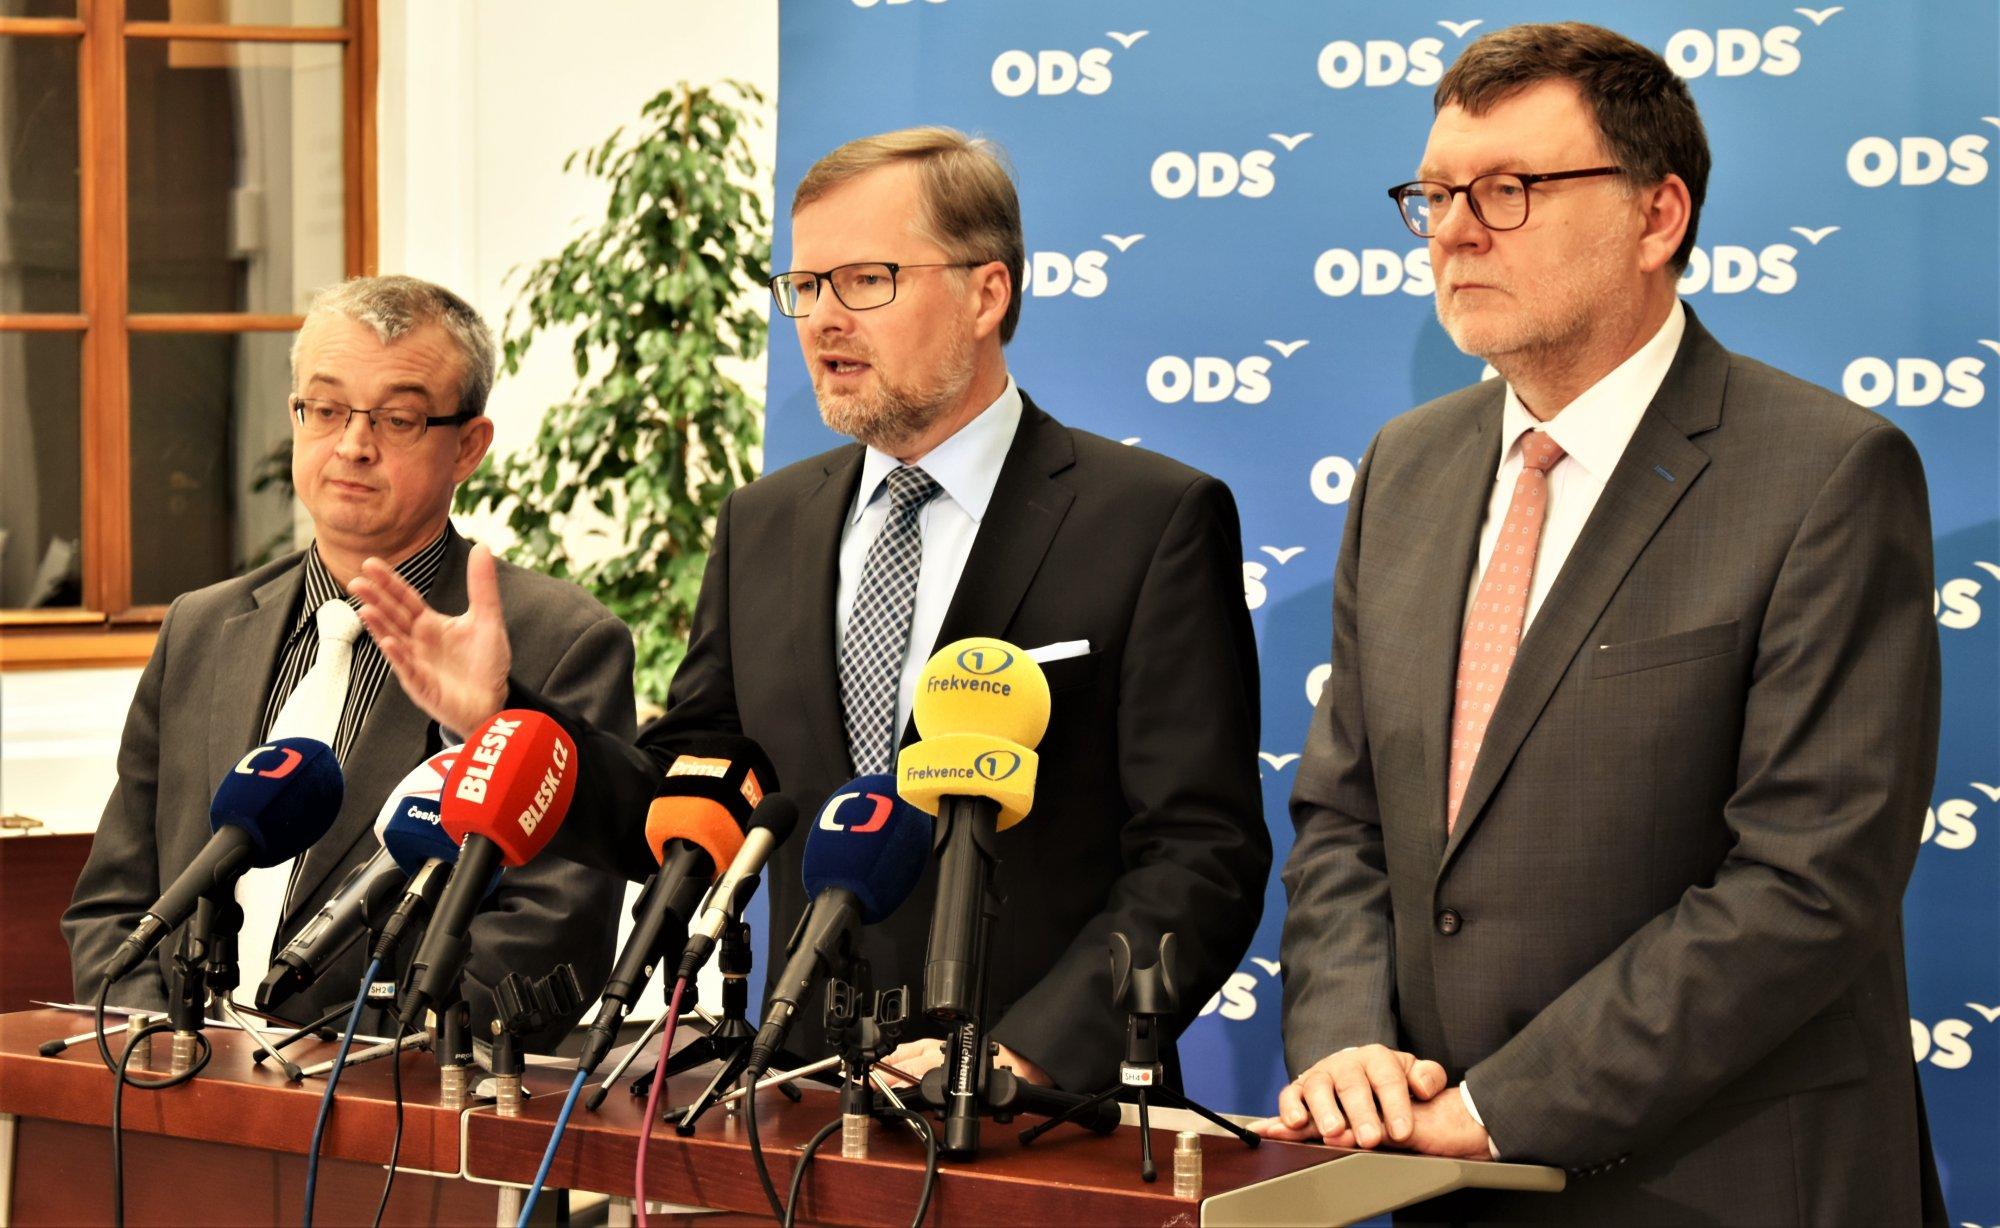 ODS: KSČM se opět snaží přepisovat historii. Věříme, že Ústavní soud nebo Senát zdanění církevních restitucí odmítnou